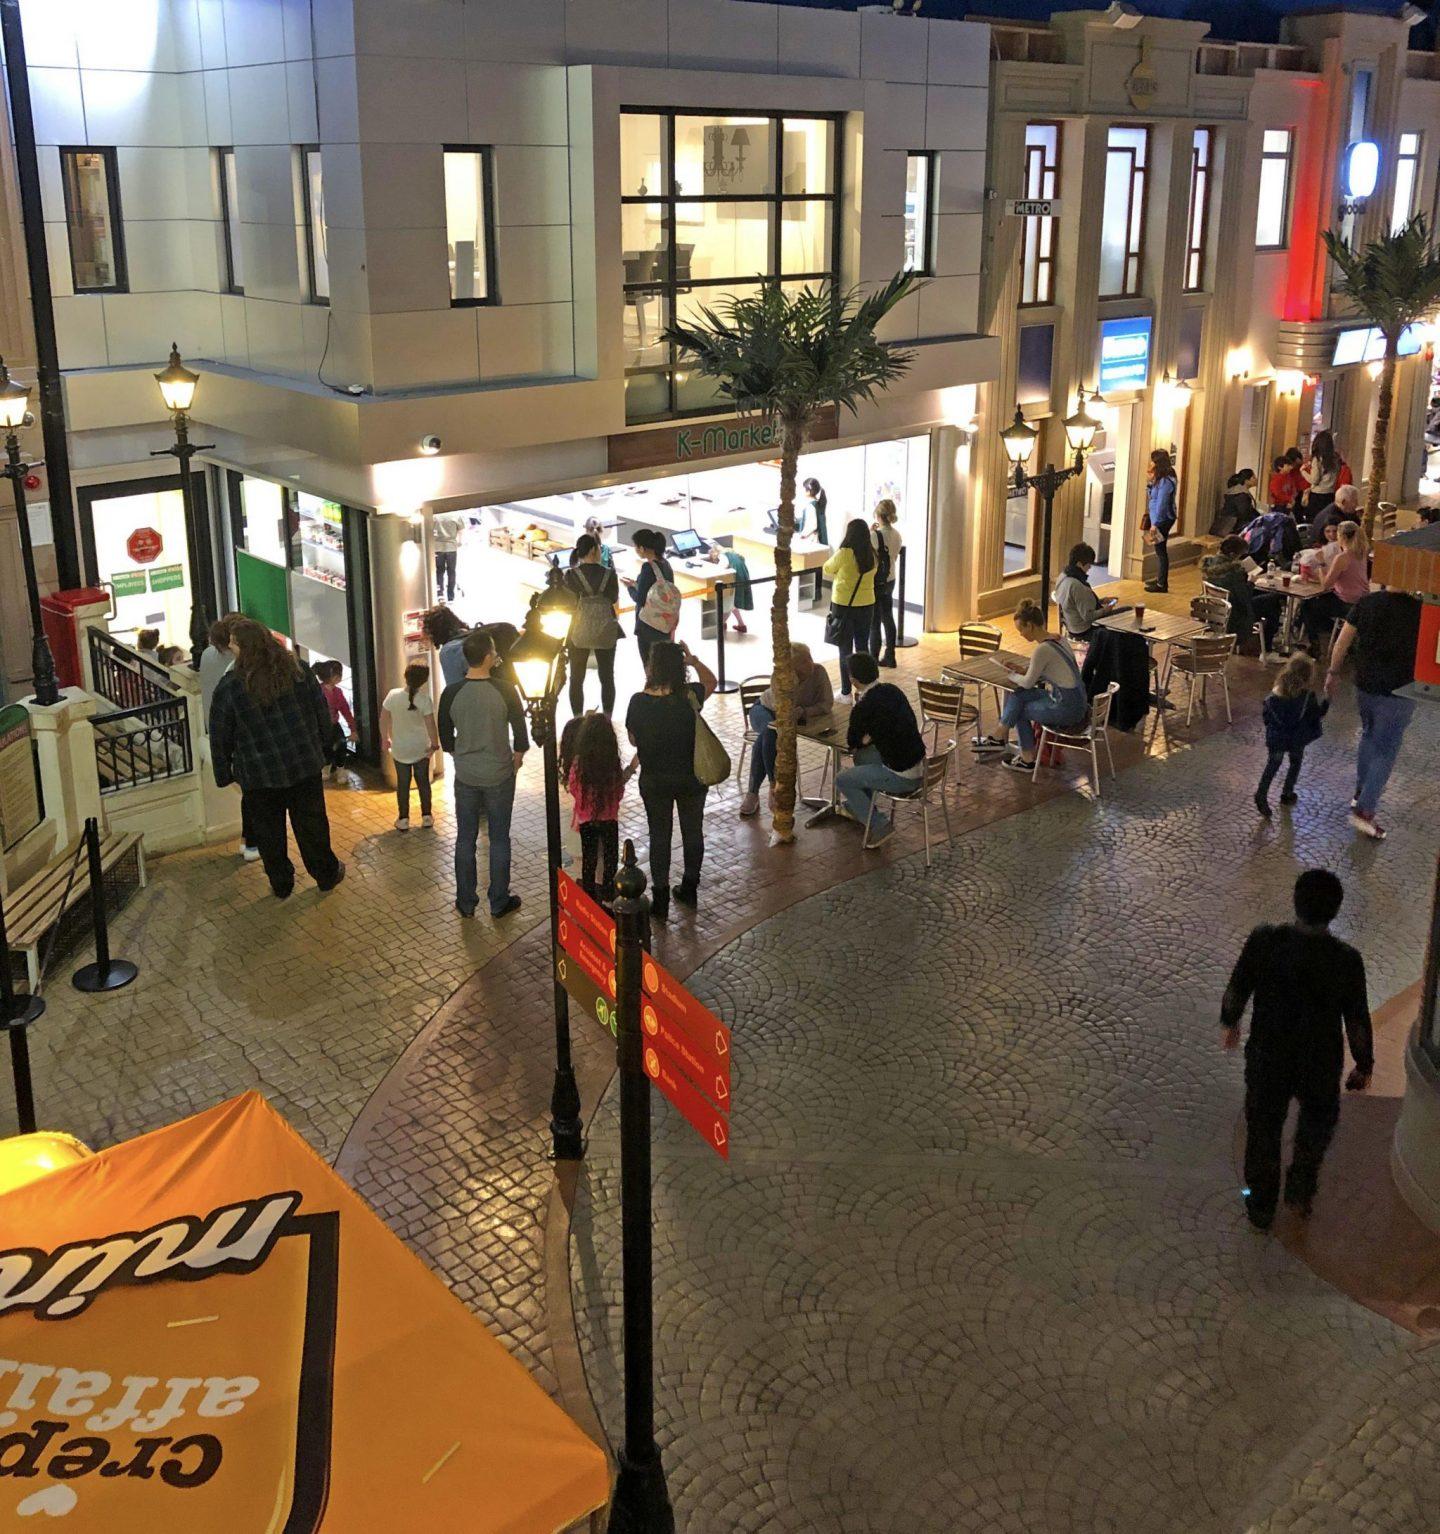 Kidzania, Kidzania London, Kidzania Review, days out in London, dad blog uk, uk dad blog, dad blog, sahd, wahd